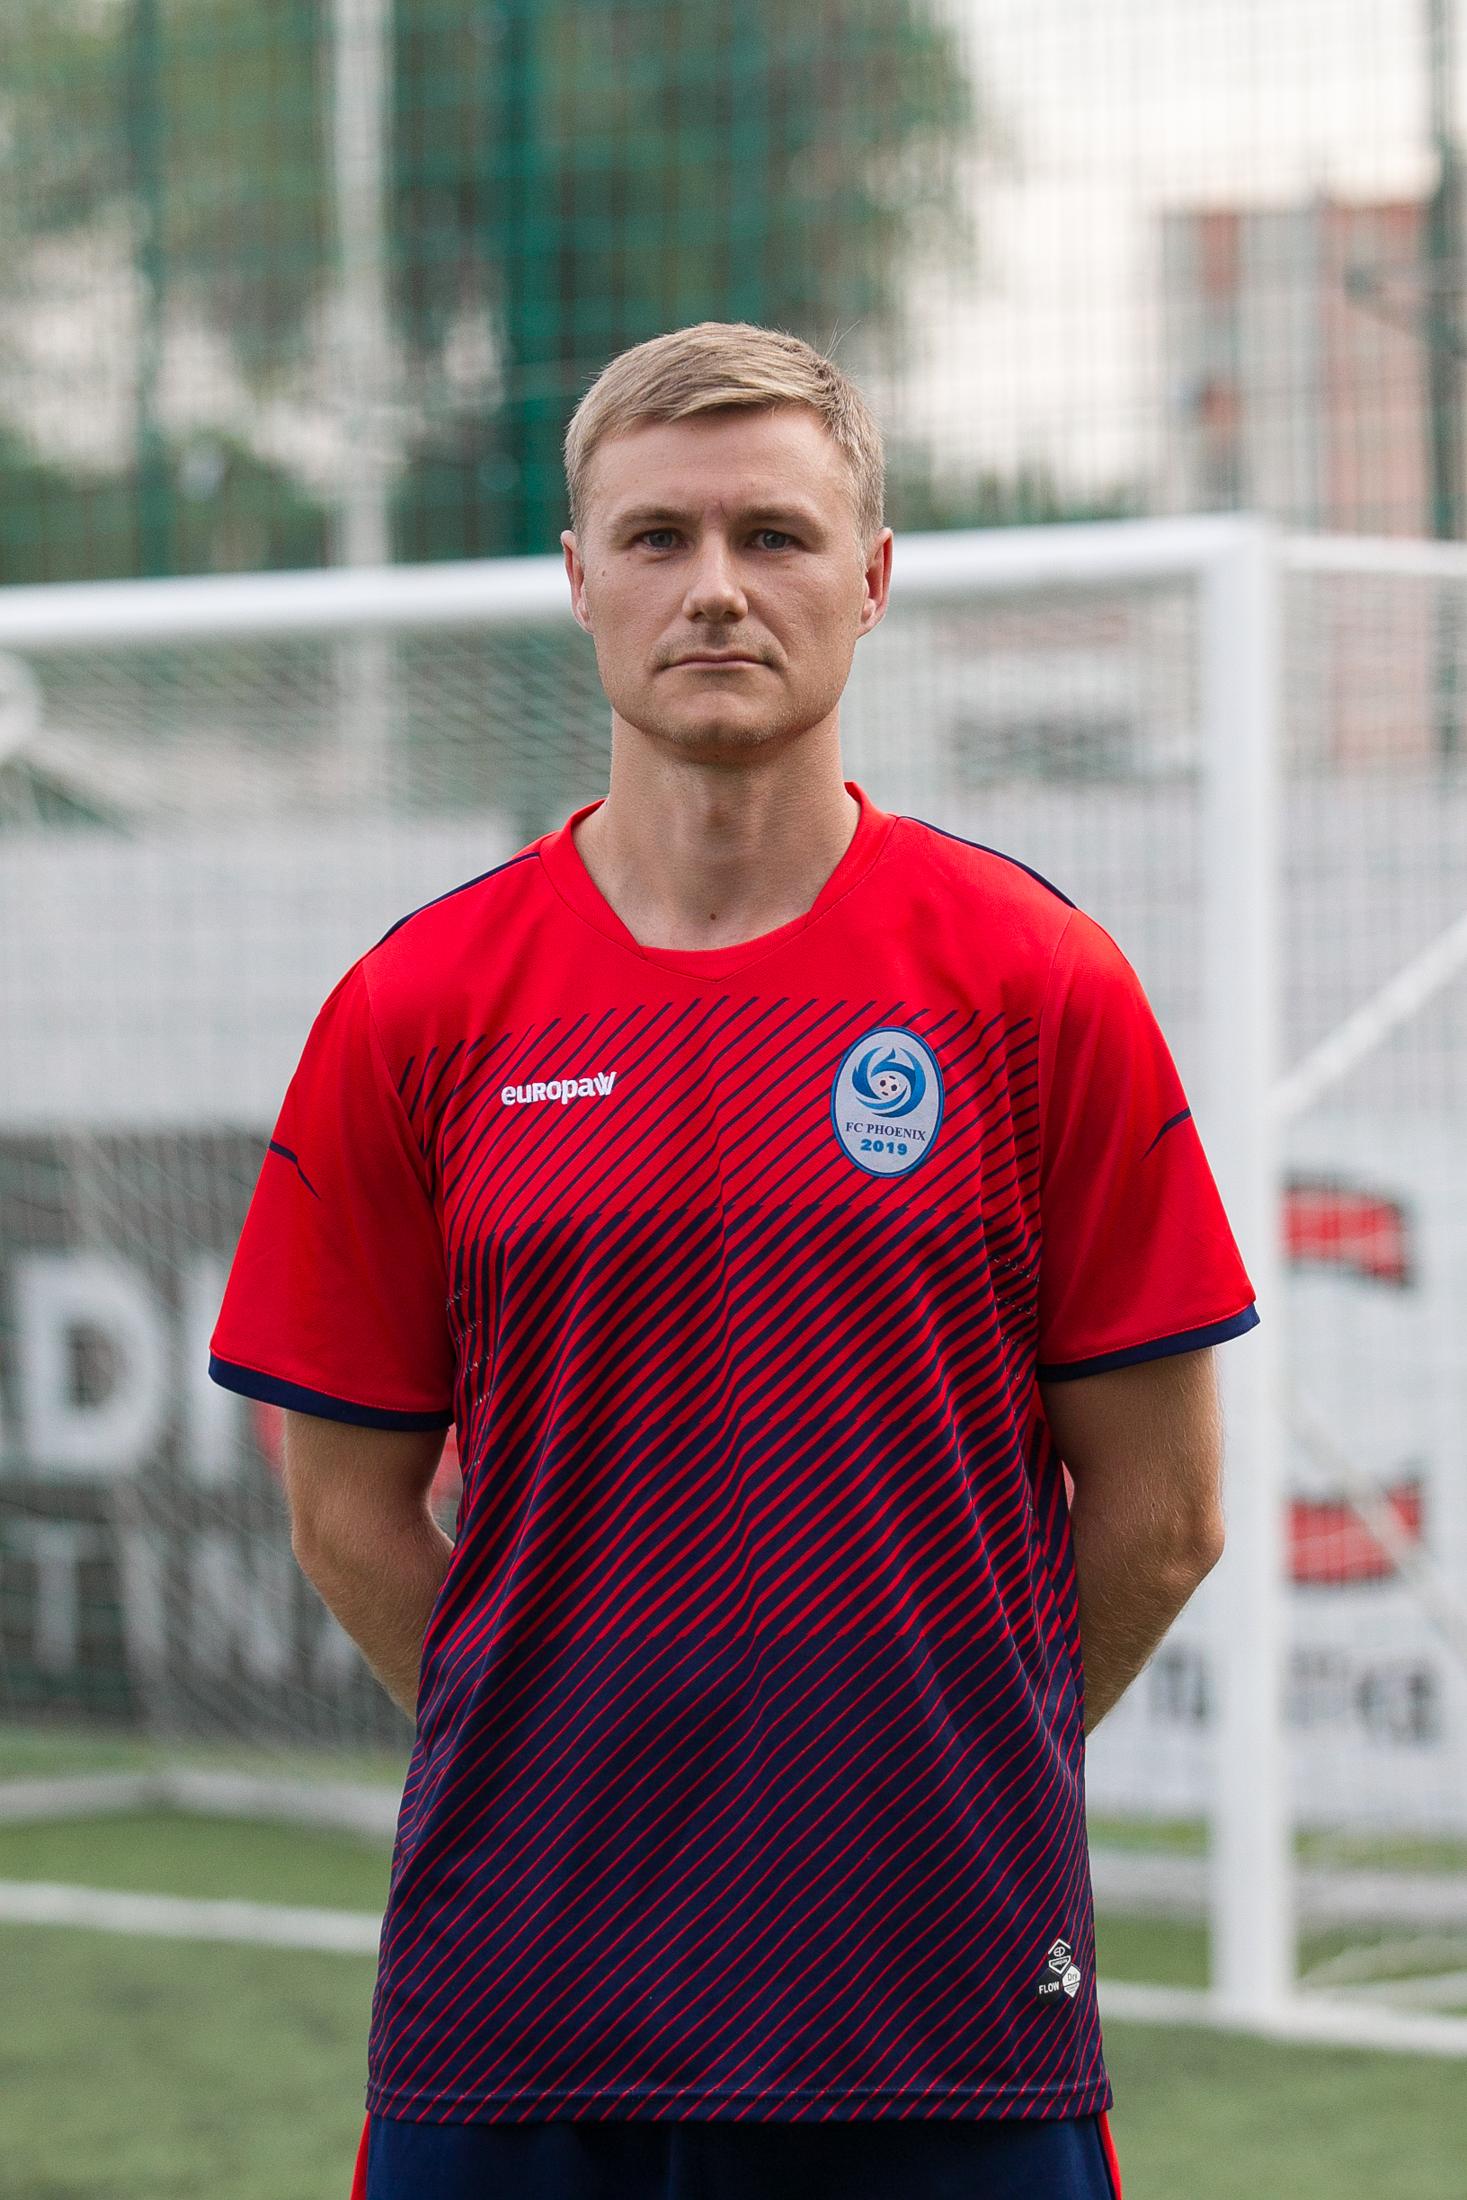 Олихнович Борис